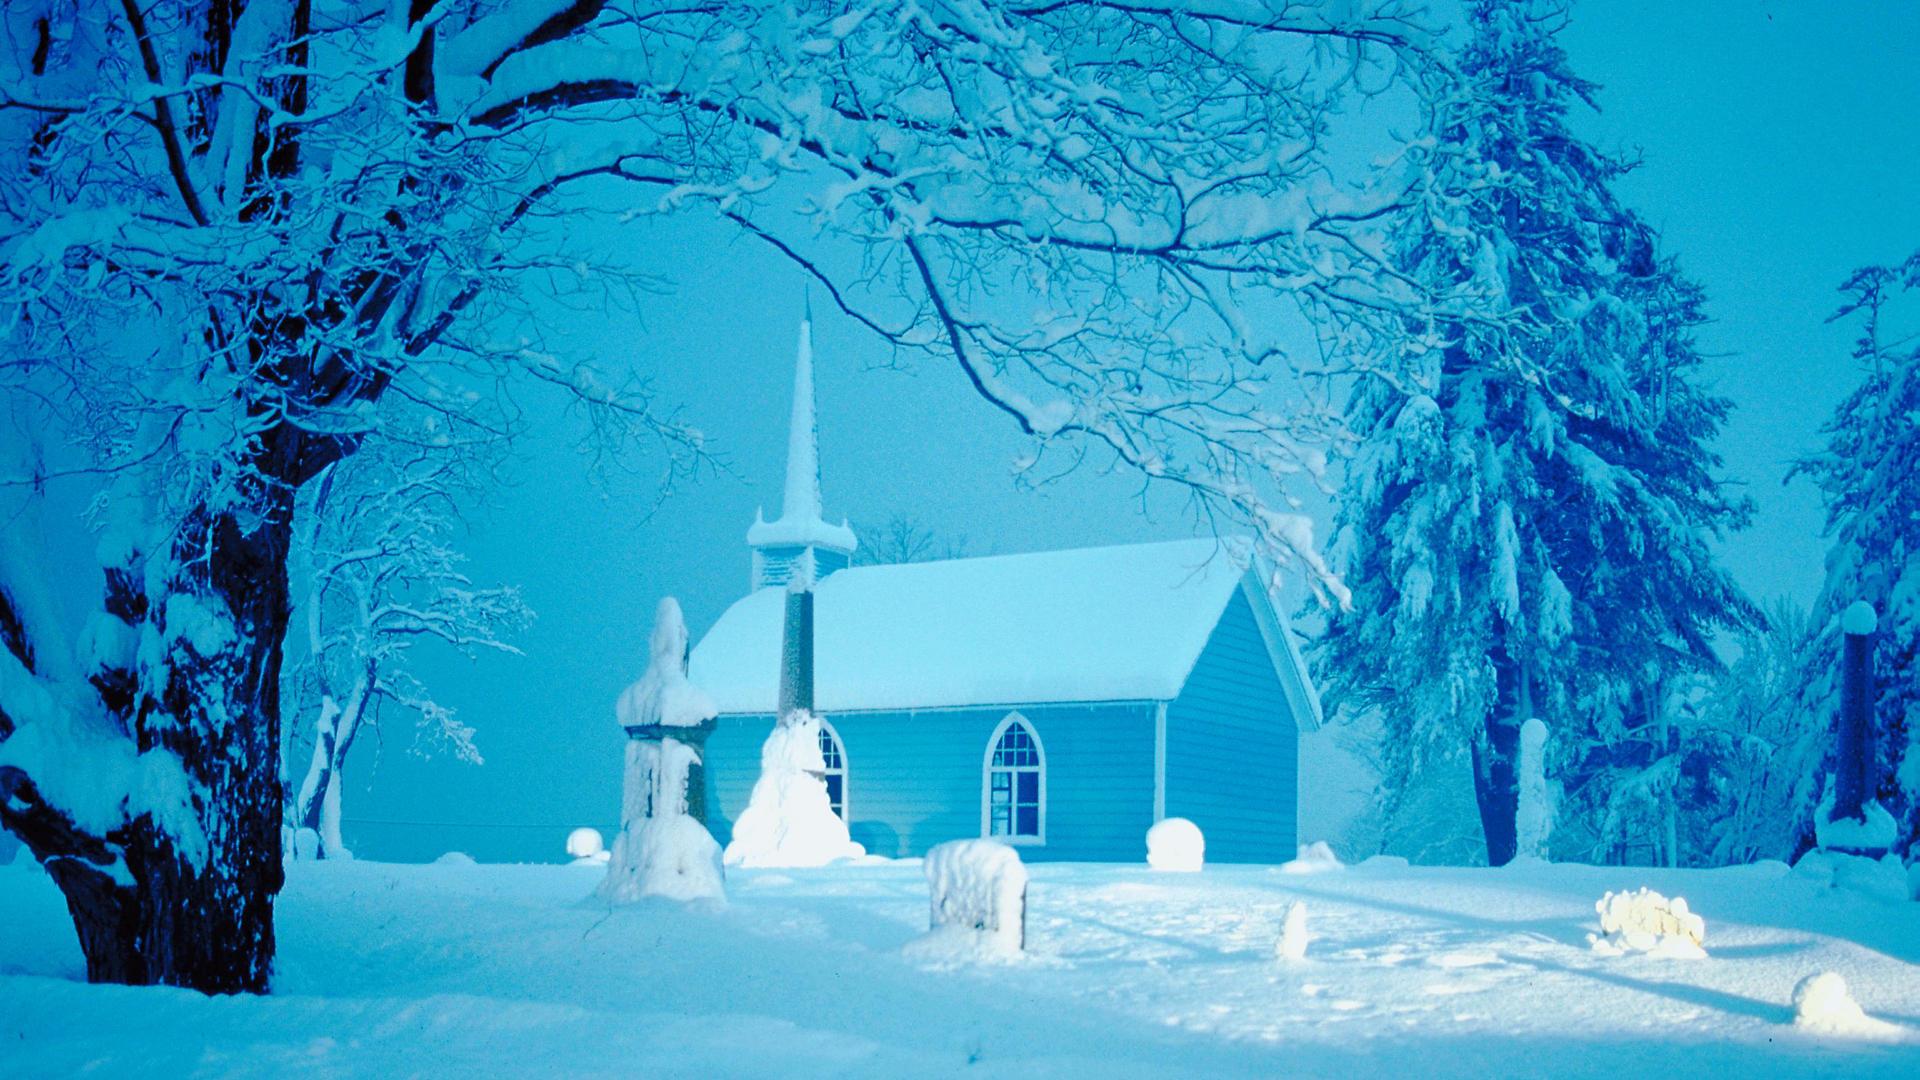 Snowy Winter Scenes Wallpaper |     Snowy Scene, It Looks Amazing